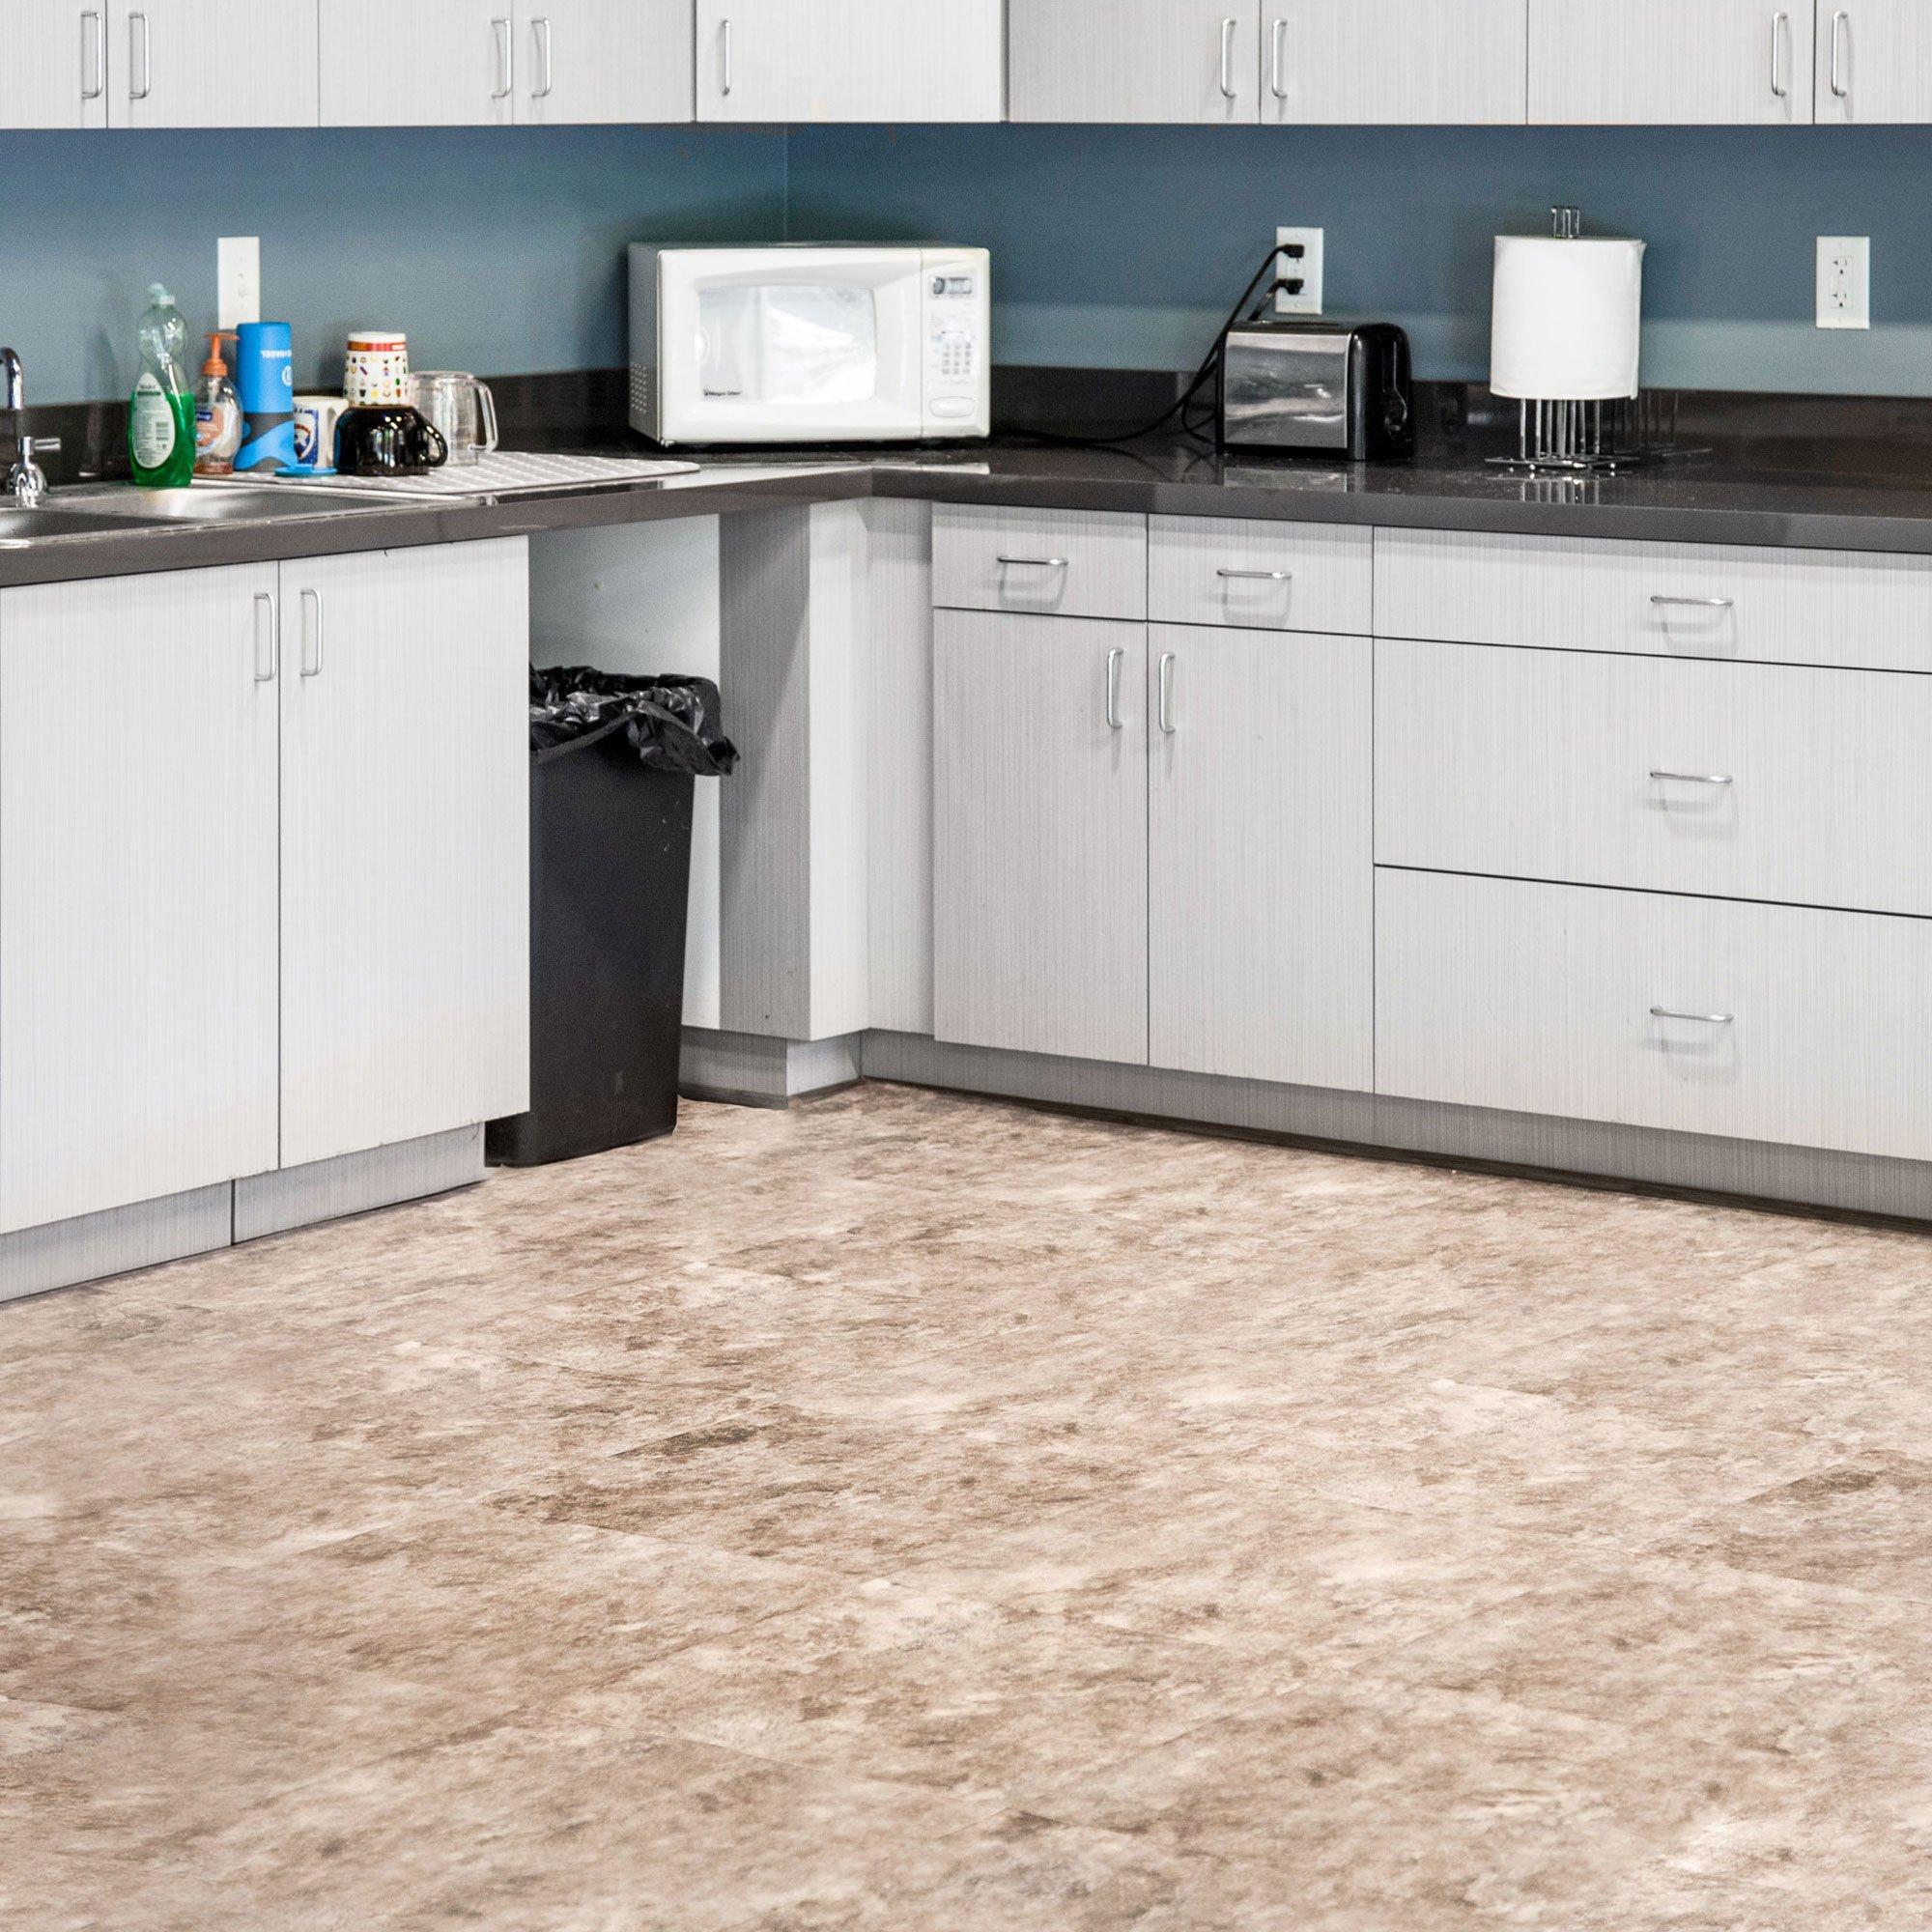 IncStores Stone Flex Designer Tiles PVC With Luxury Vinyl Top Multi-Purpose Flooring 20''x20'' 6 Tile Pack Covers 16.67 sqft (Sandstone Granite)